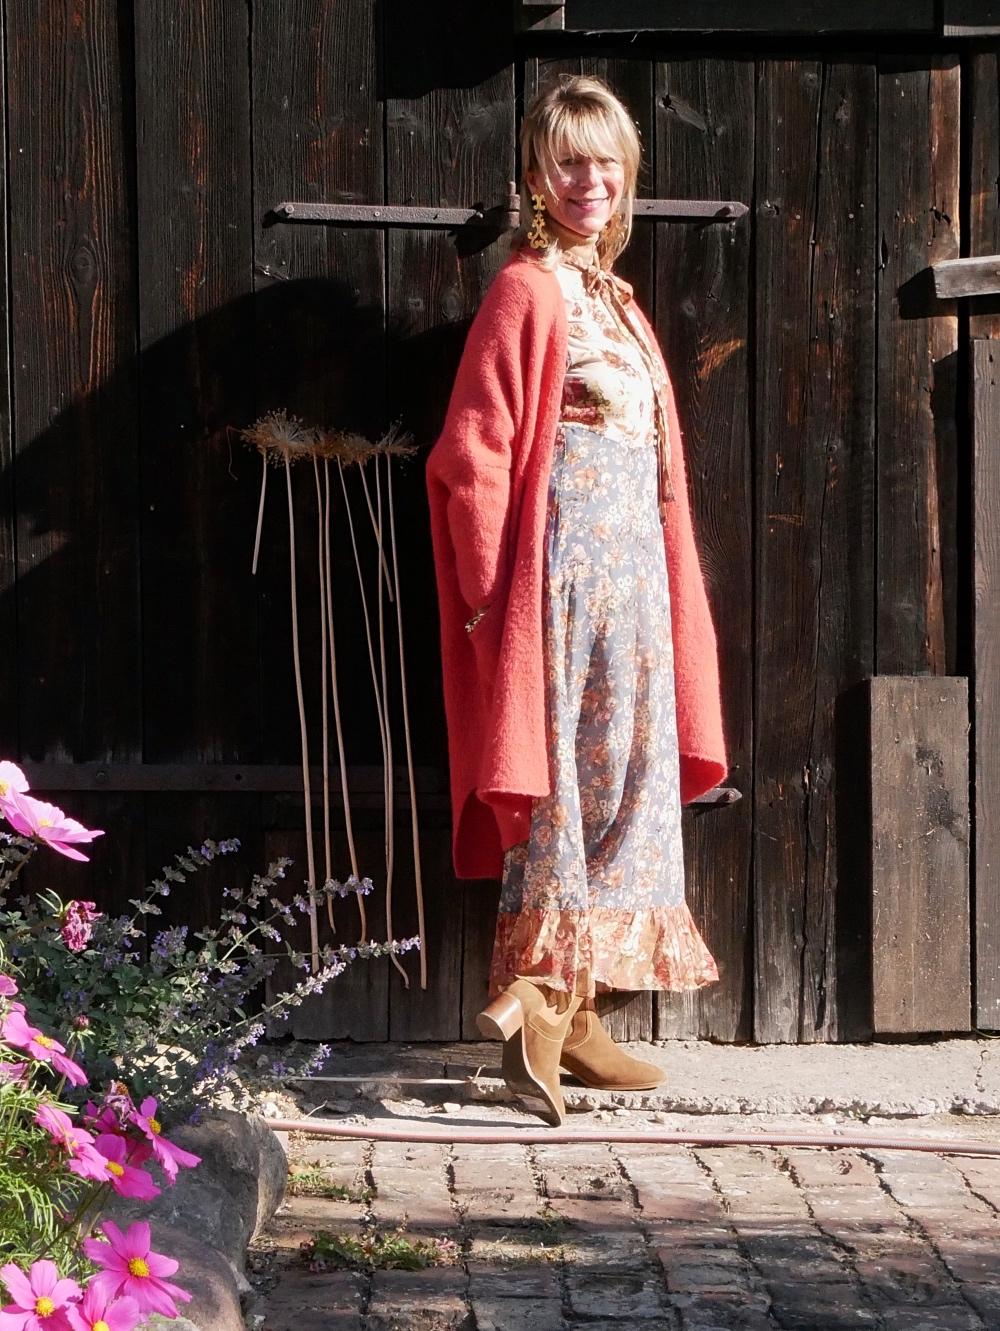 Klassische Stiefelette: Herbstspaziergang